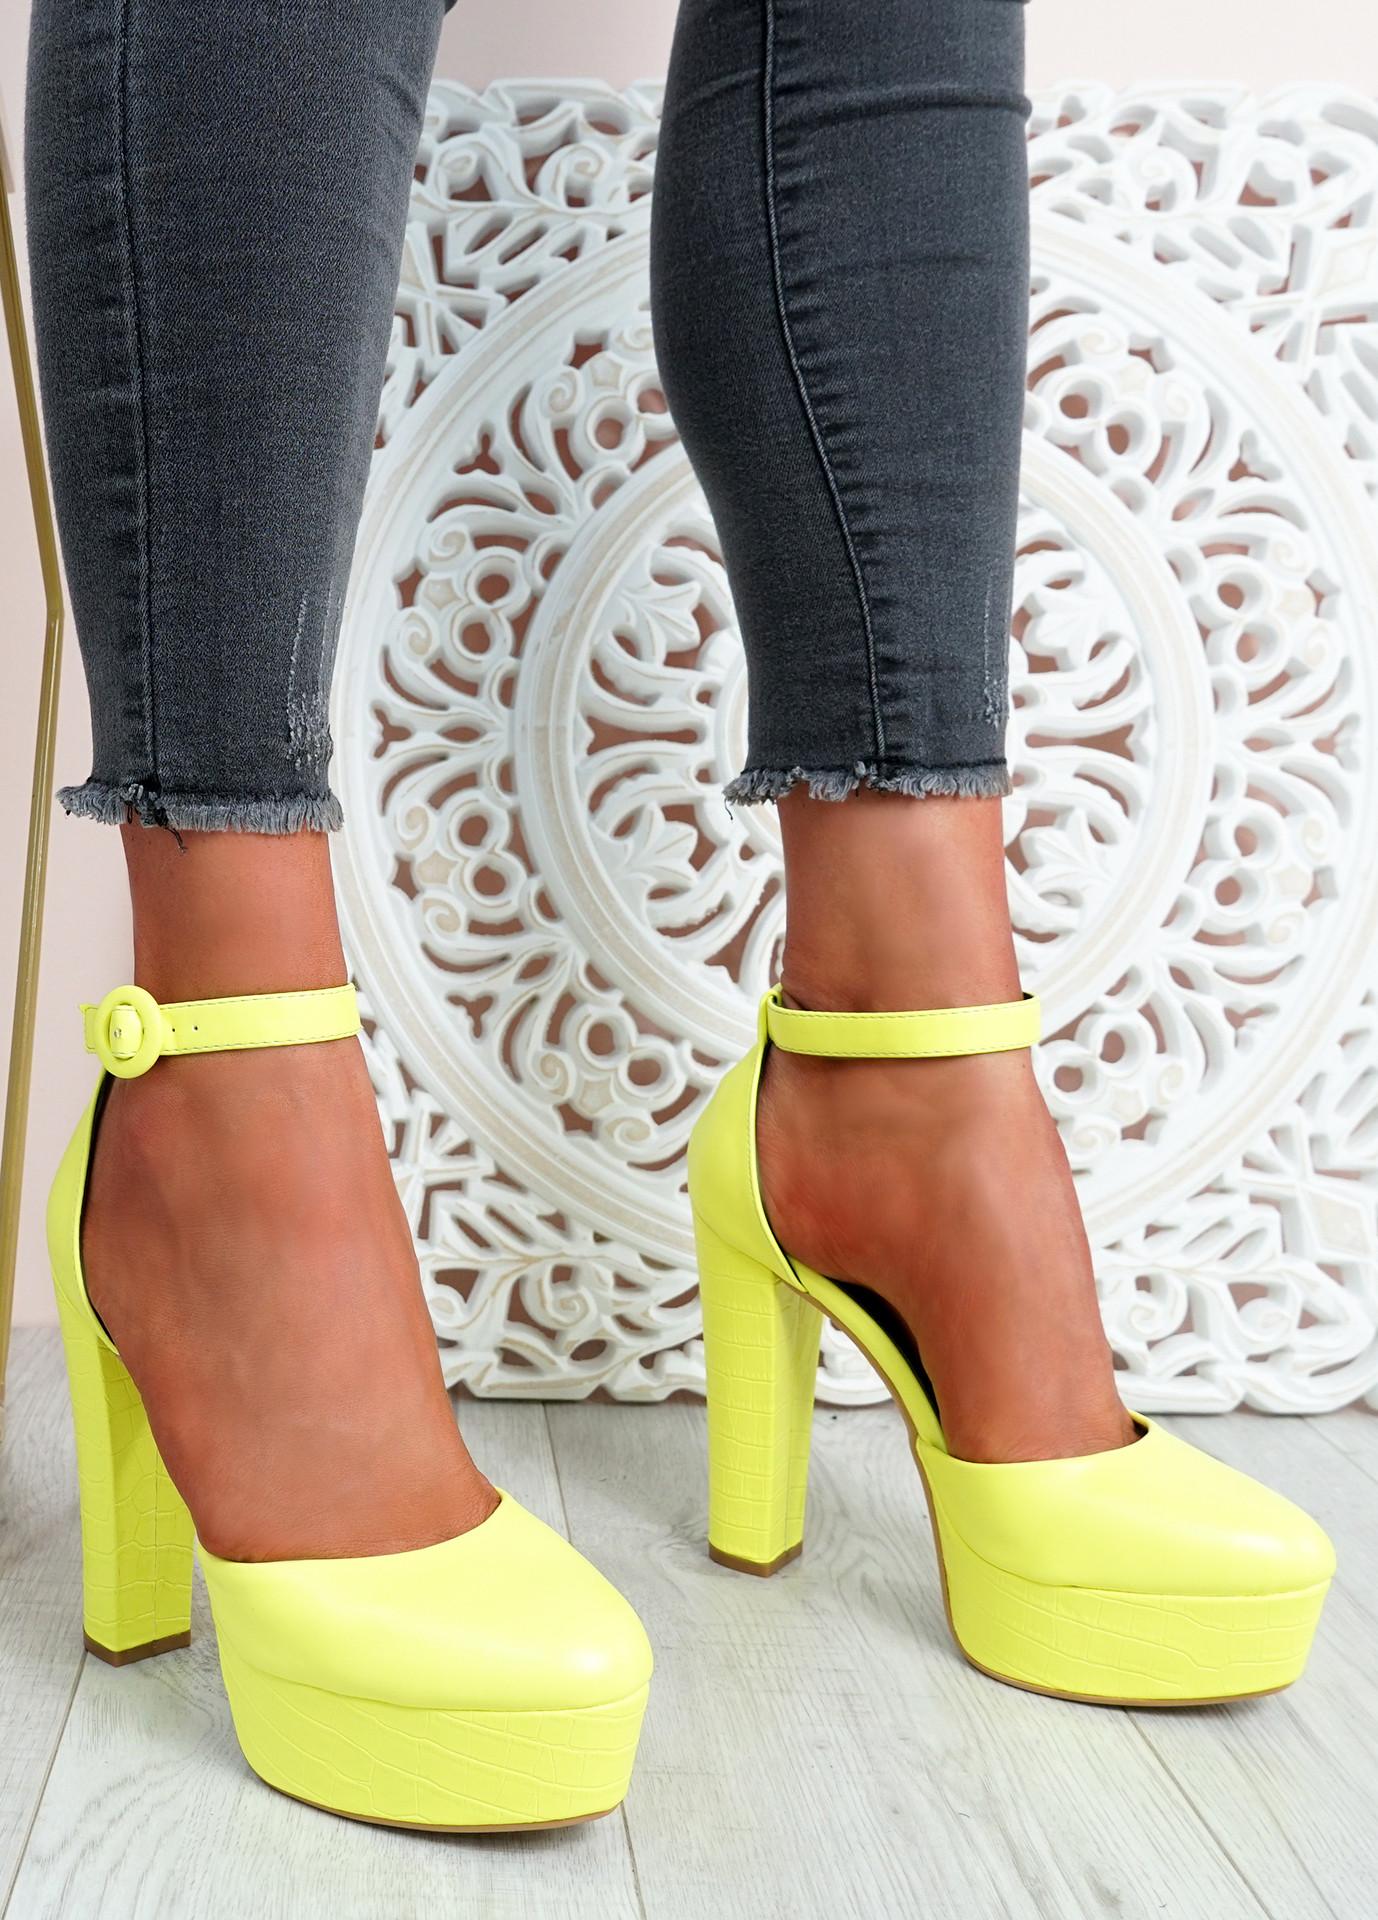 Mizza Yellow High Block Heel Pumps